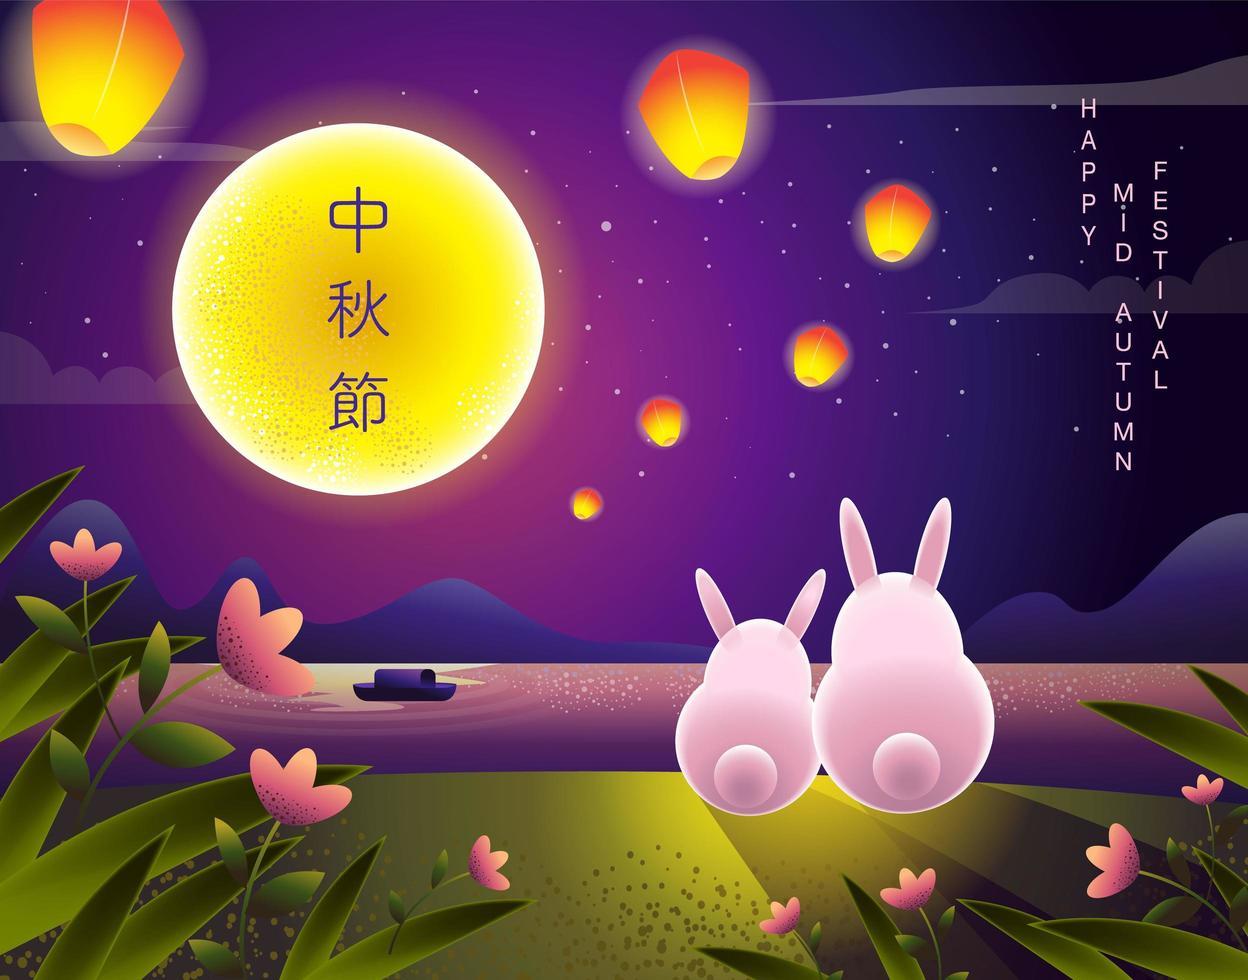 diseño del festival del medio otoño con conejos mirando el agua vector